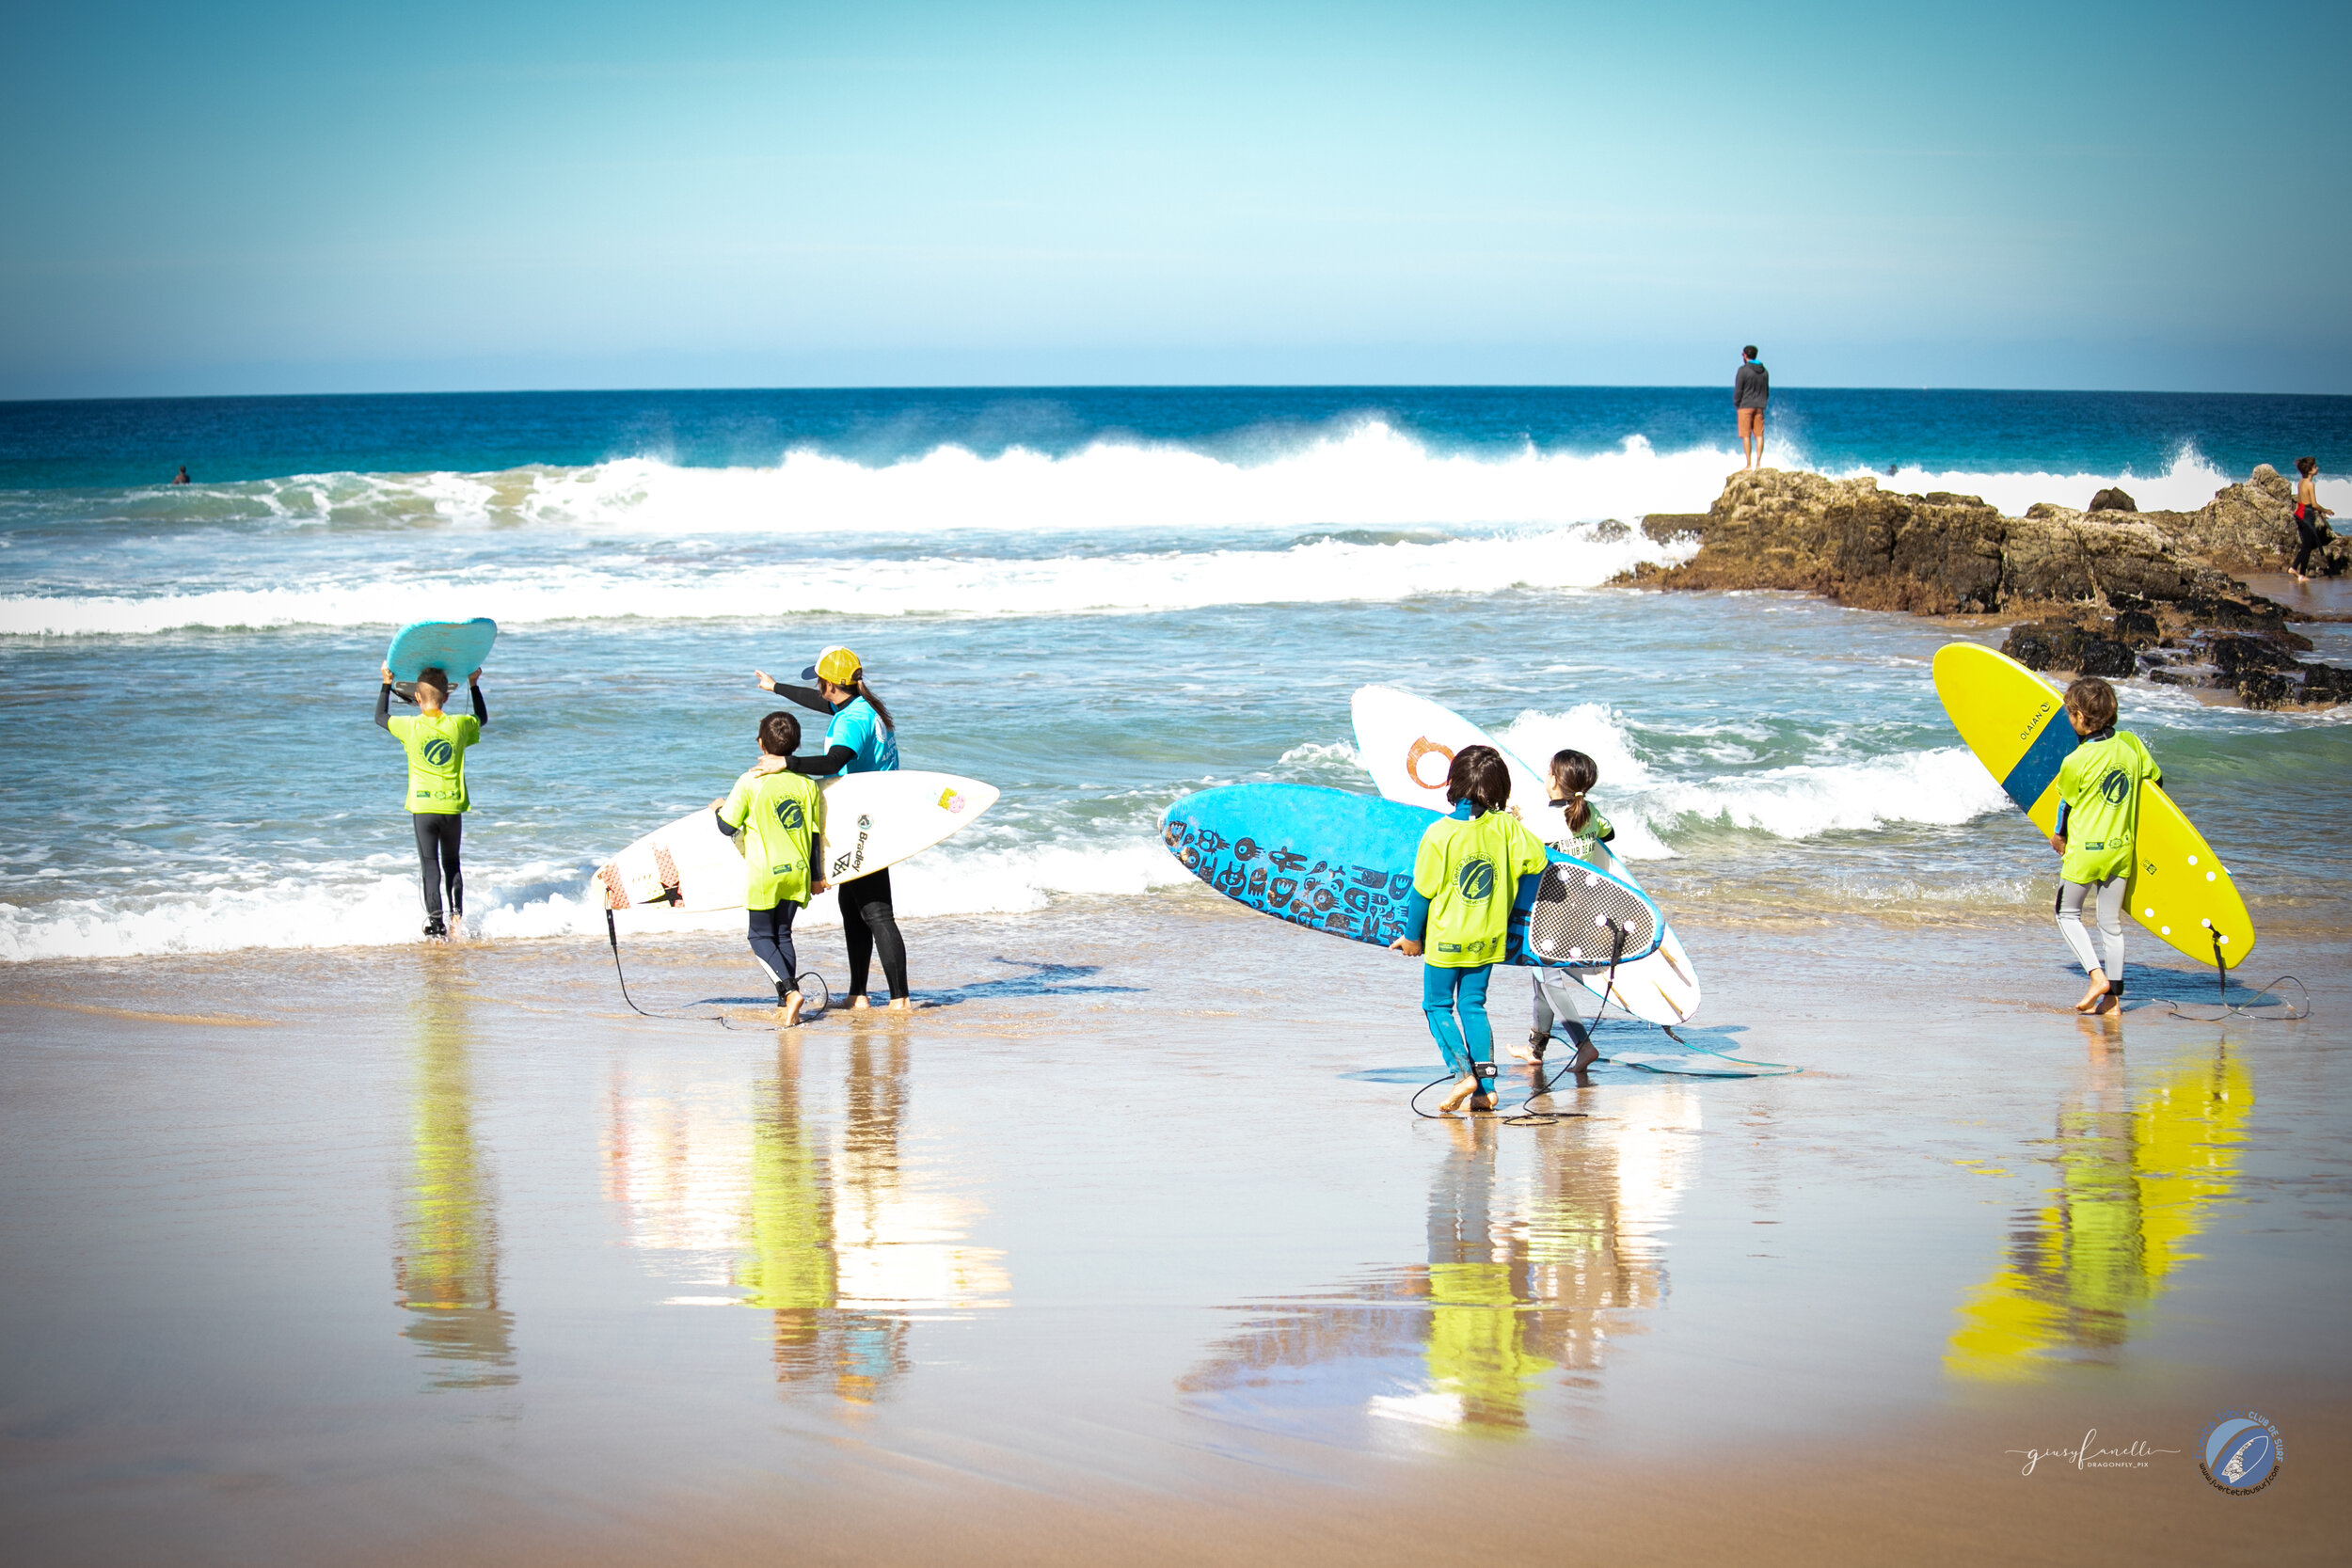 FuerteTribu_surfcamp_navidad_surfkids_surfadaptado_surfskate-4701.jpg